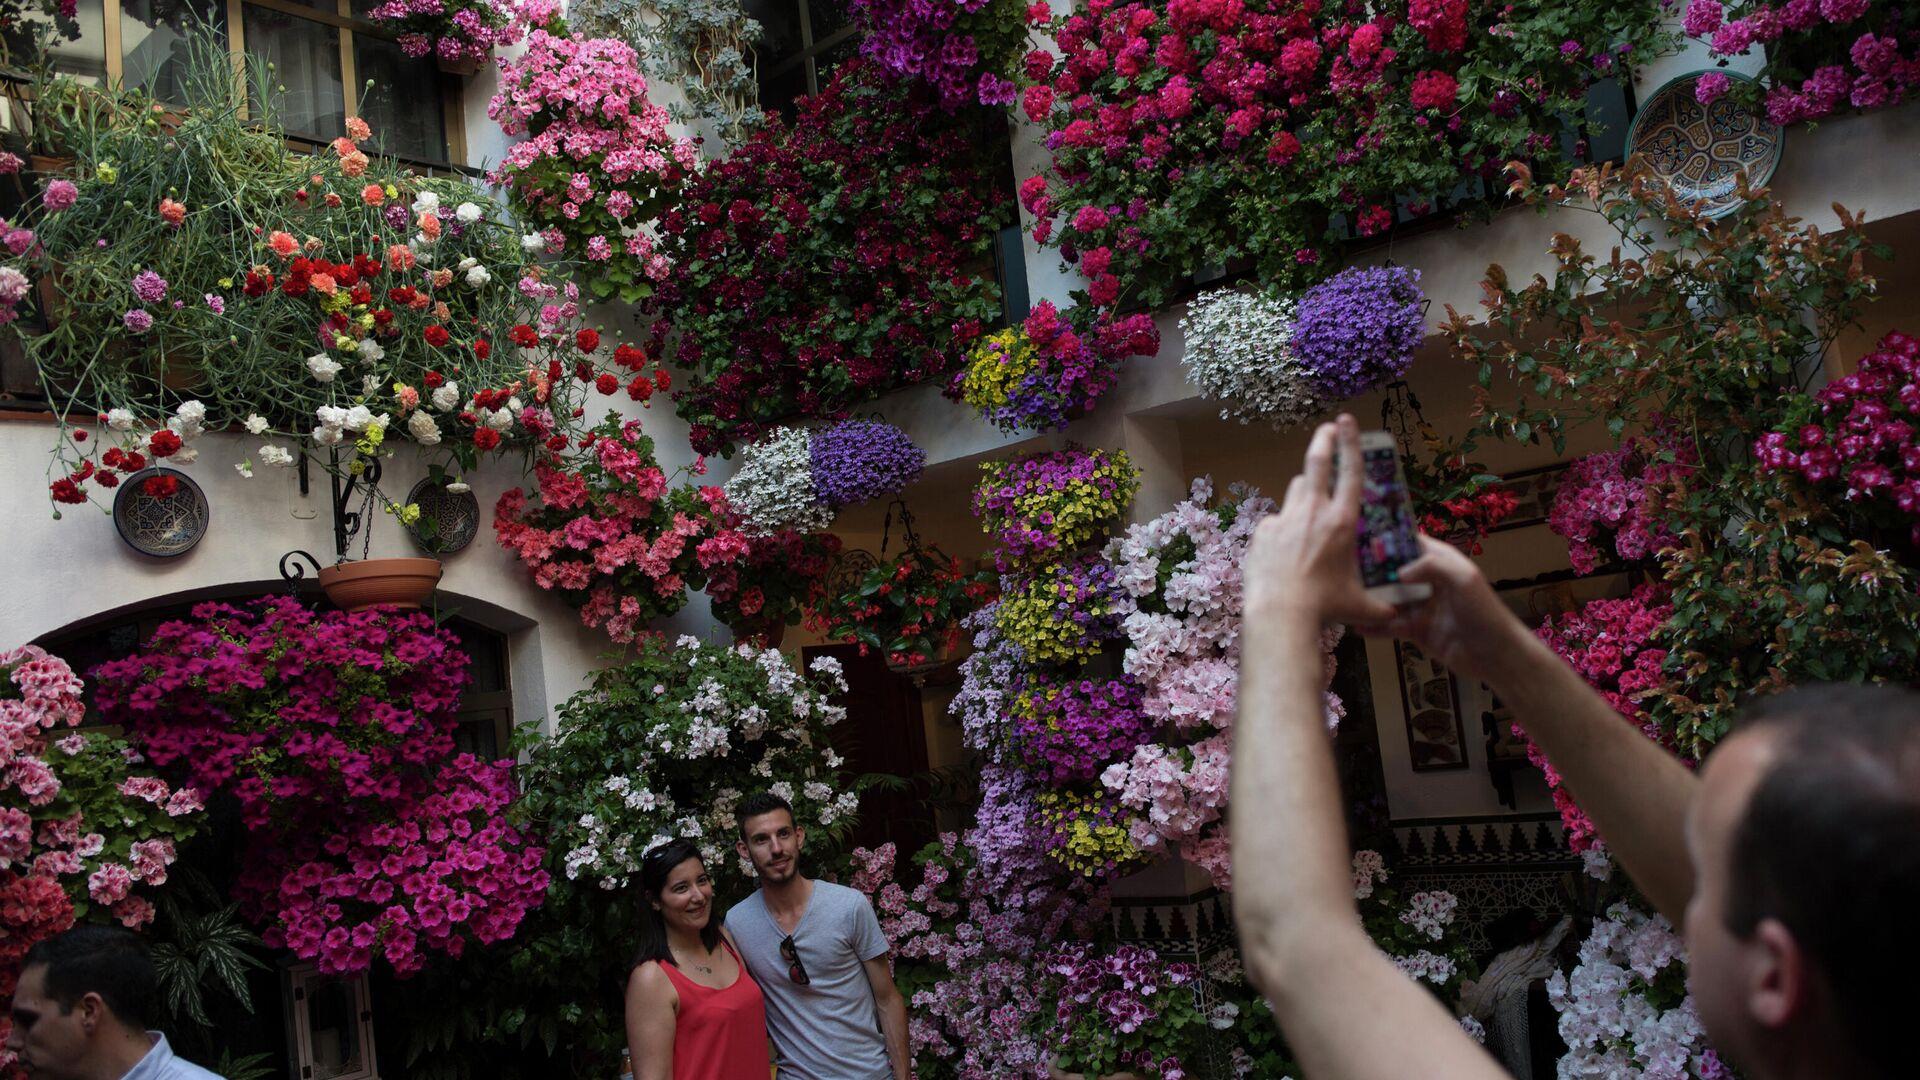 Patios decorados con flores de Córdoba - Sputnik Mundo, 1920, 08.05.2021